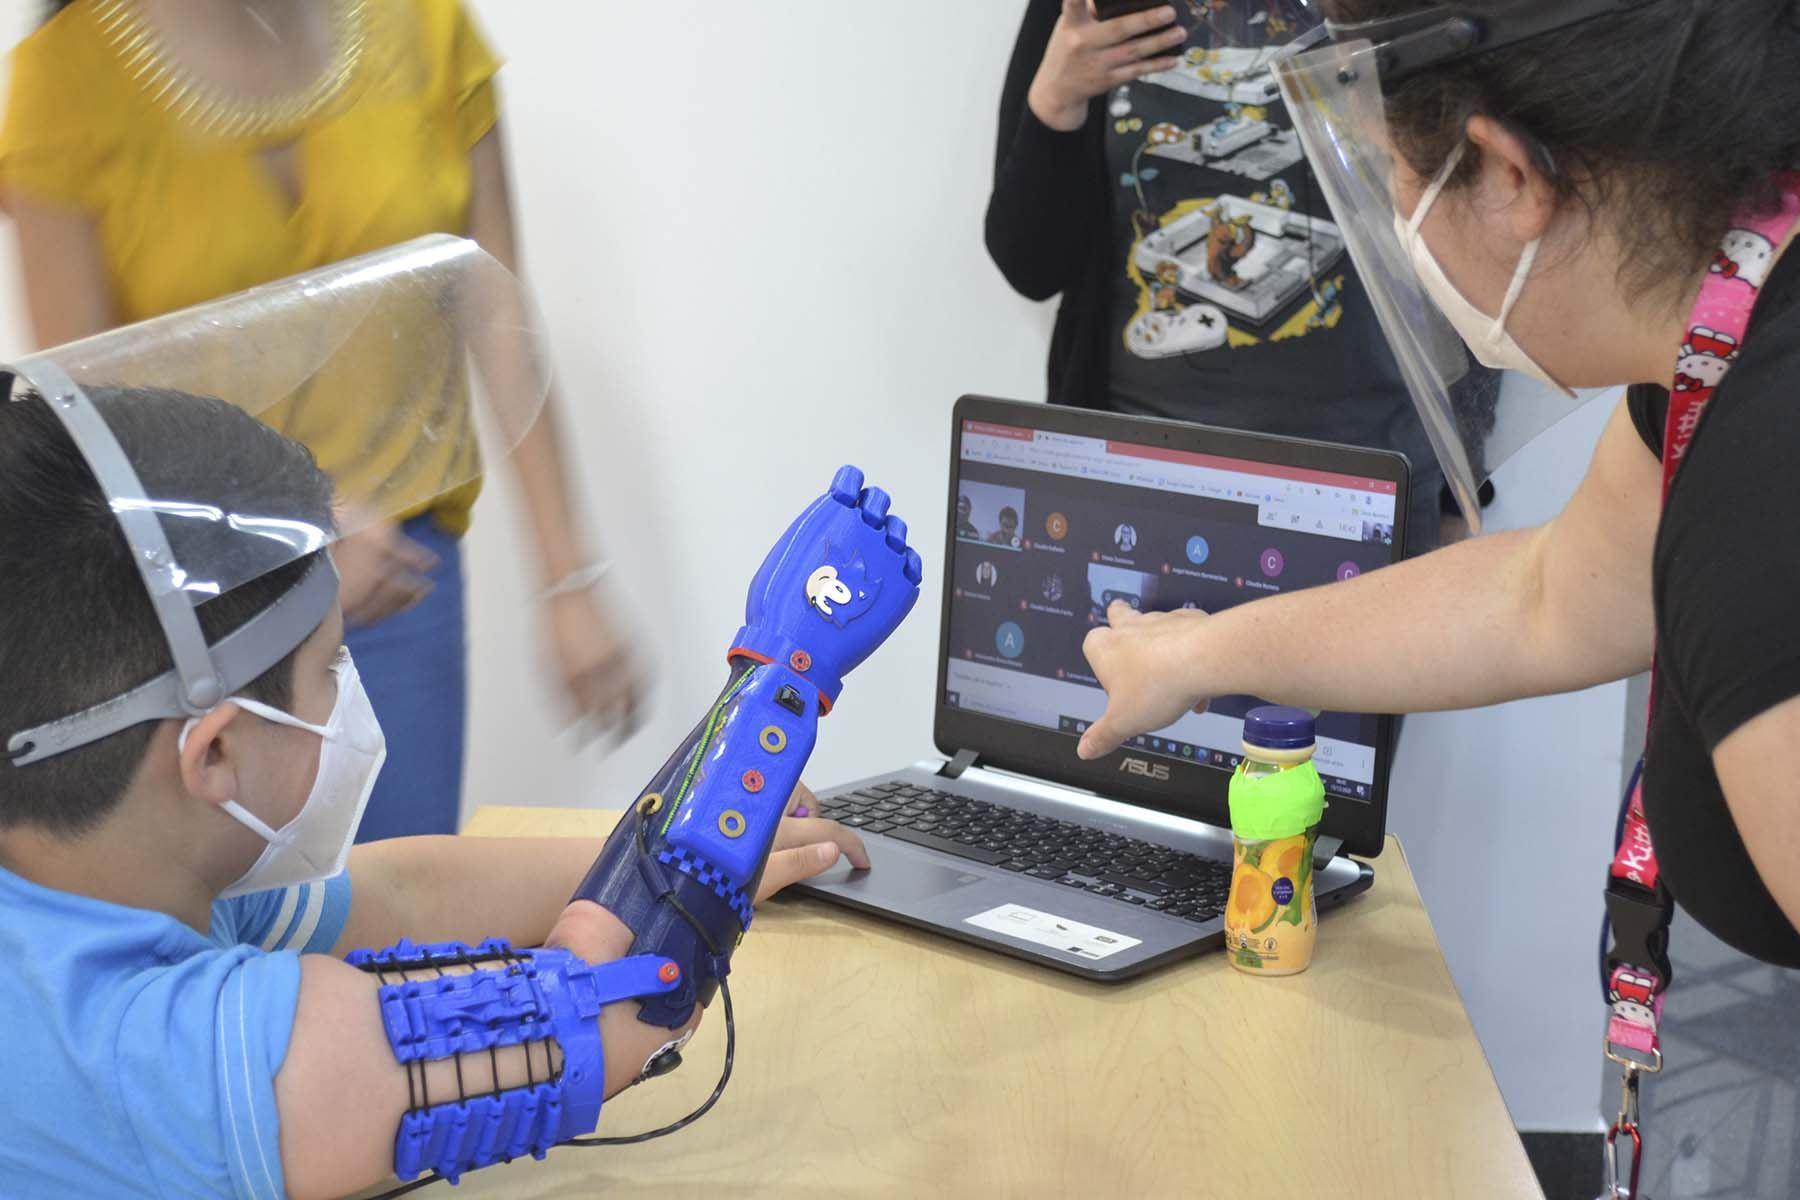 La startup peruana Pixed, cofinanciada por Innóvate Perú, está detrás de esta innovadora tecnología hecha en el Perú.